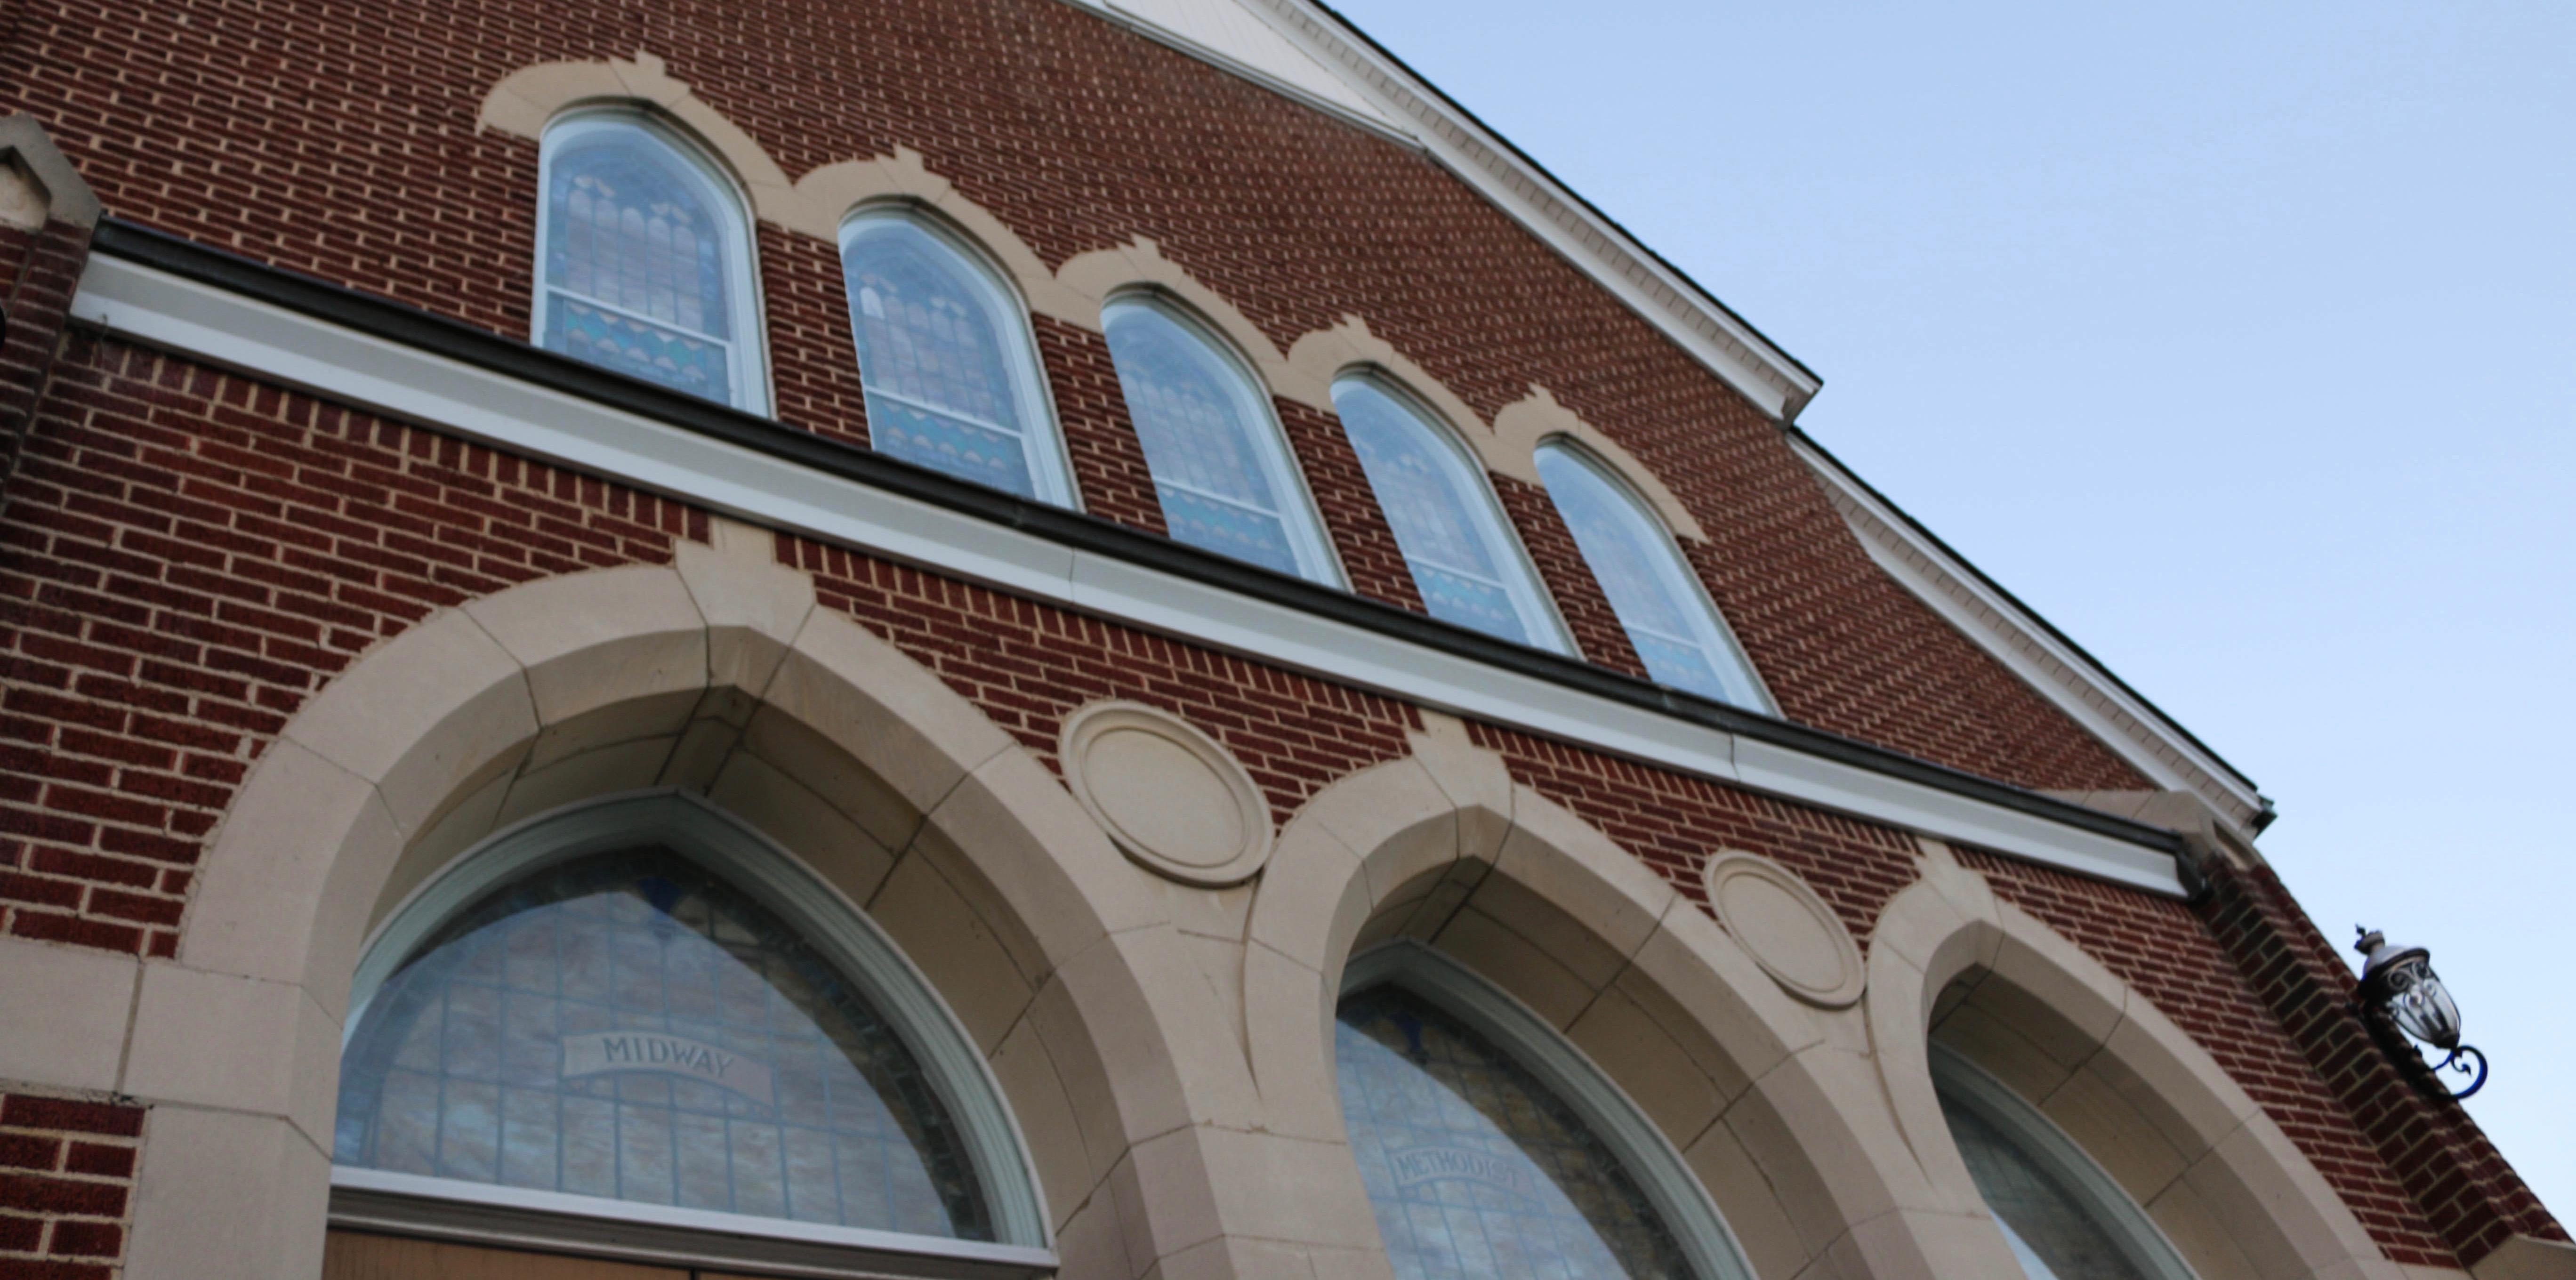 Church-1 (1)